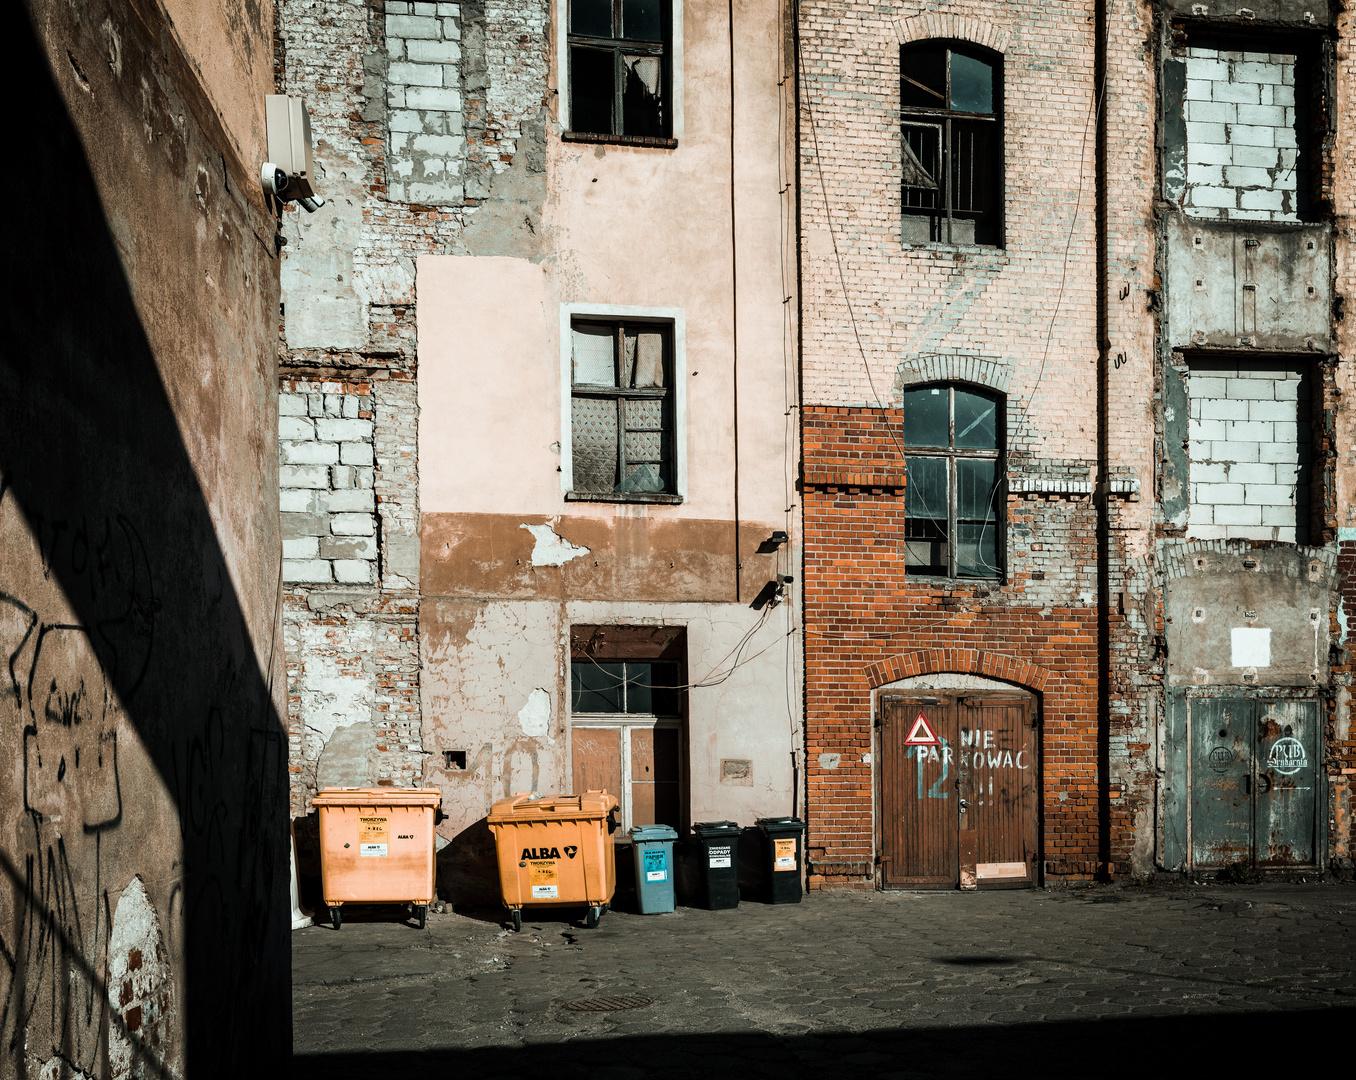 Hinterhof In Wroclaw Foto Bild Architektur Europe